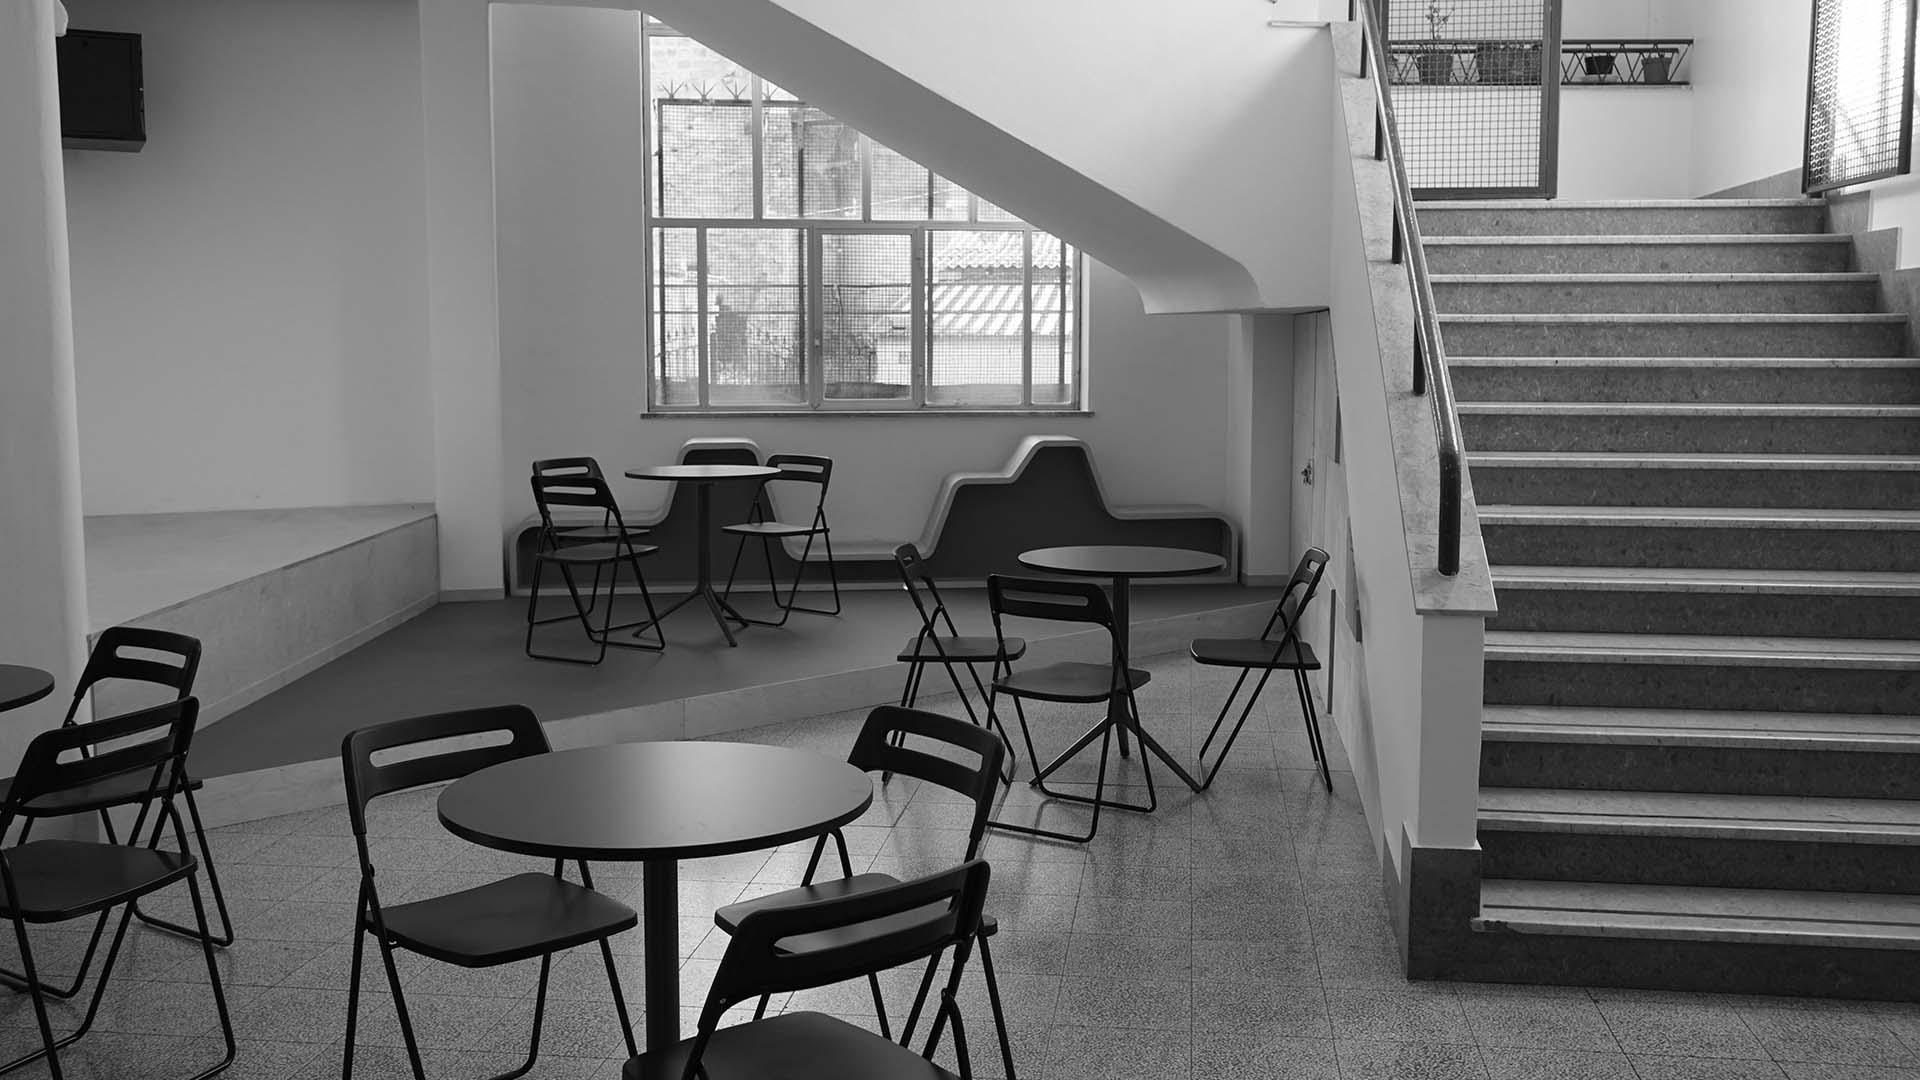 progettobasecamp-le-comunita-educanti-palermo-3